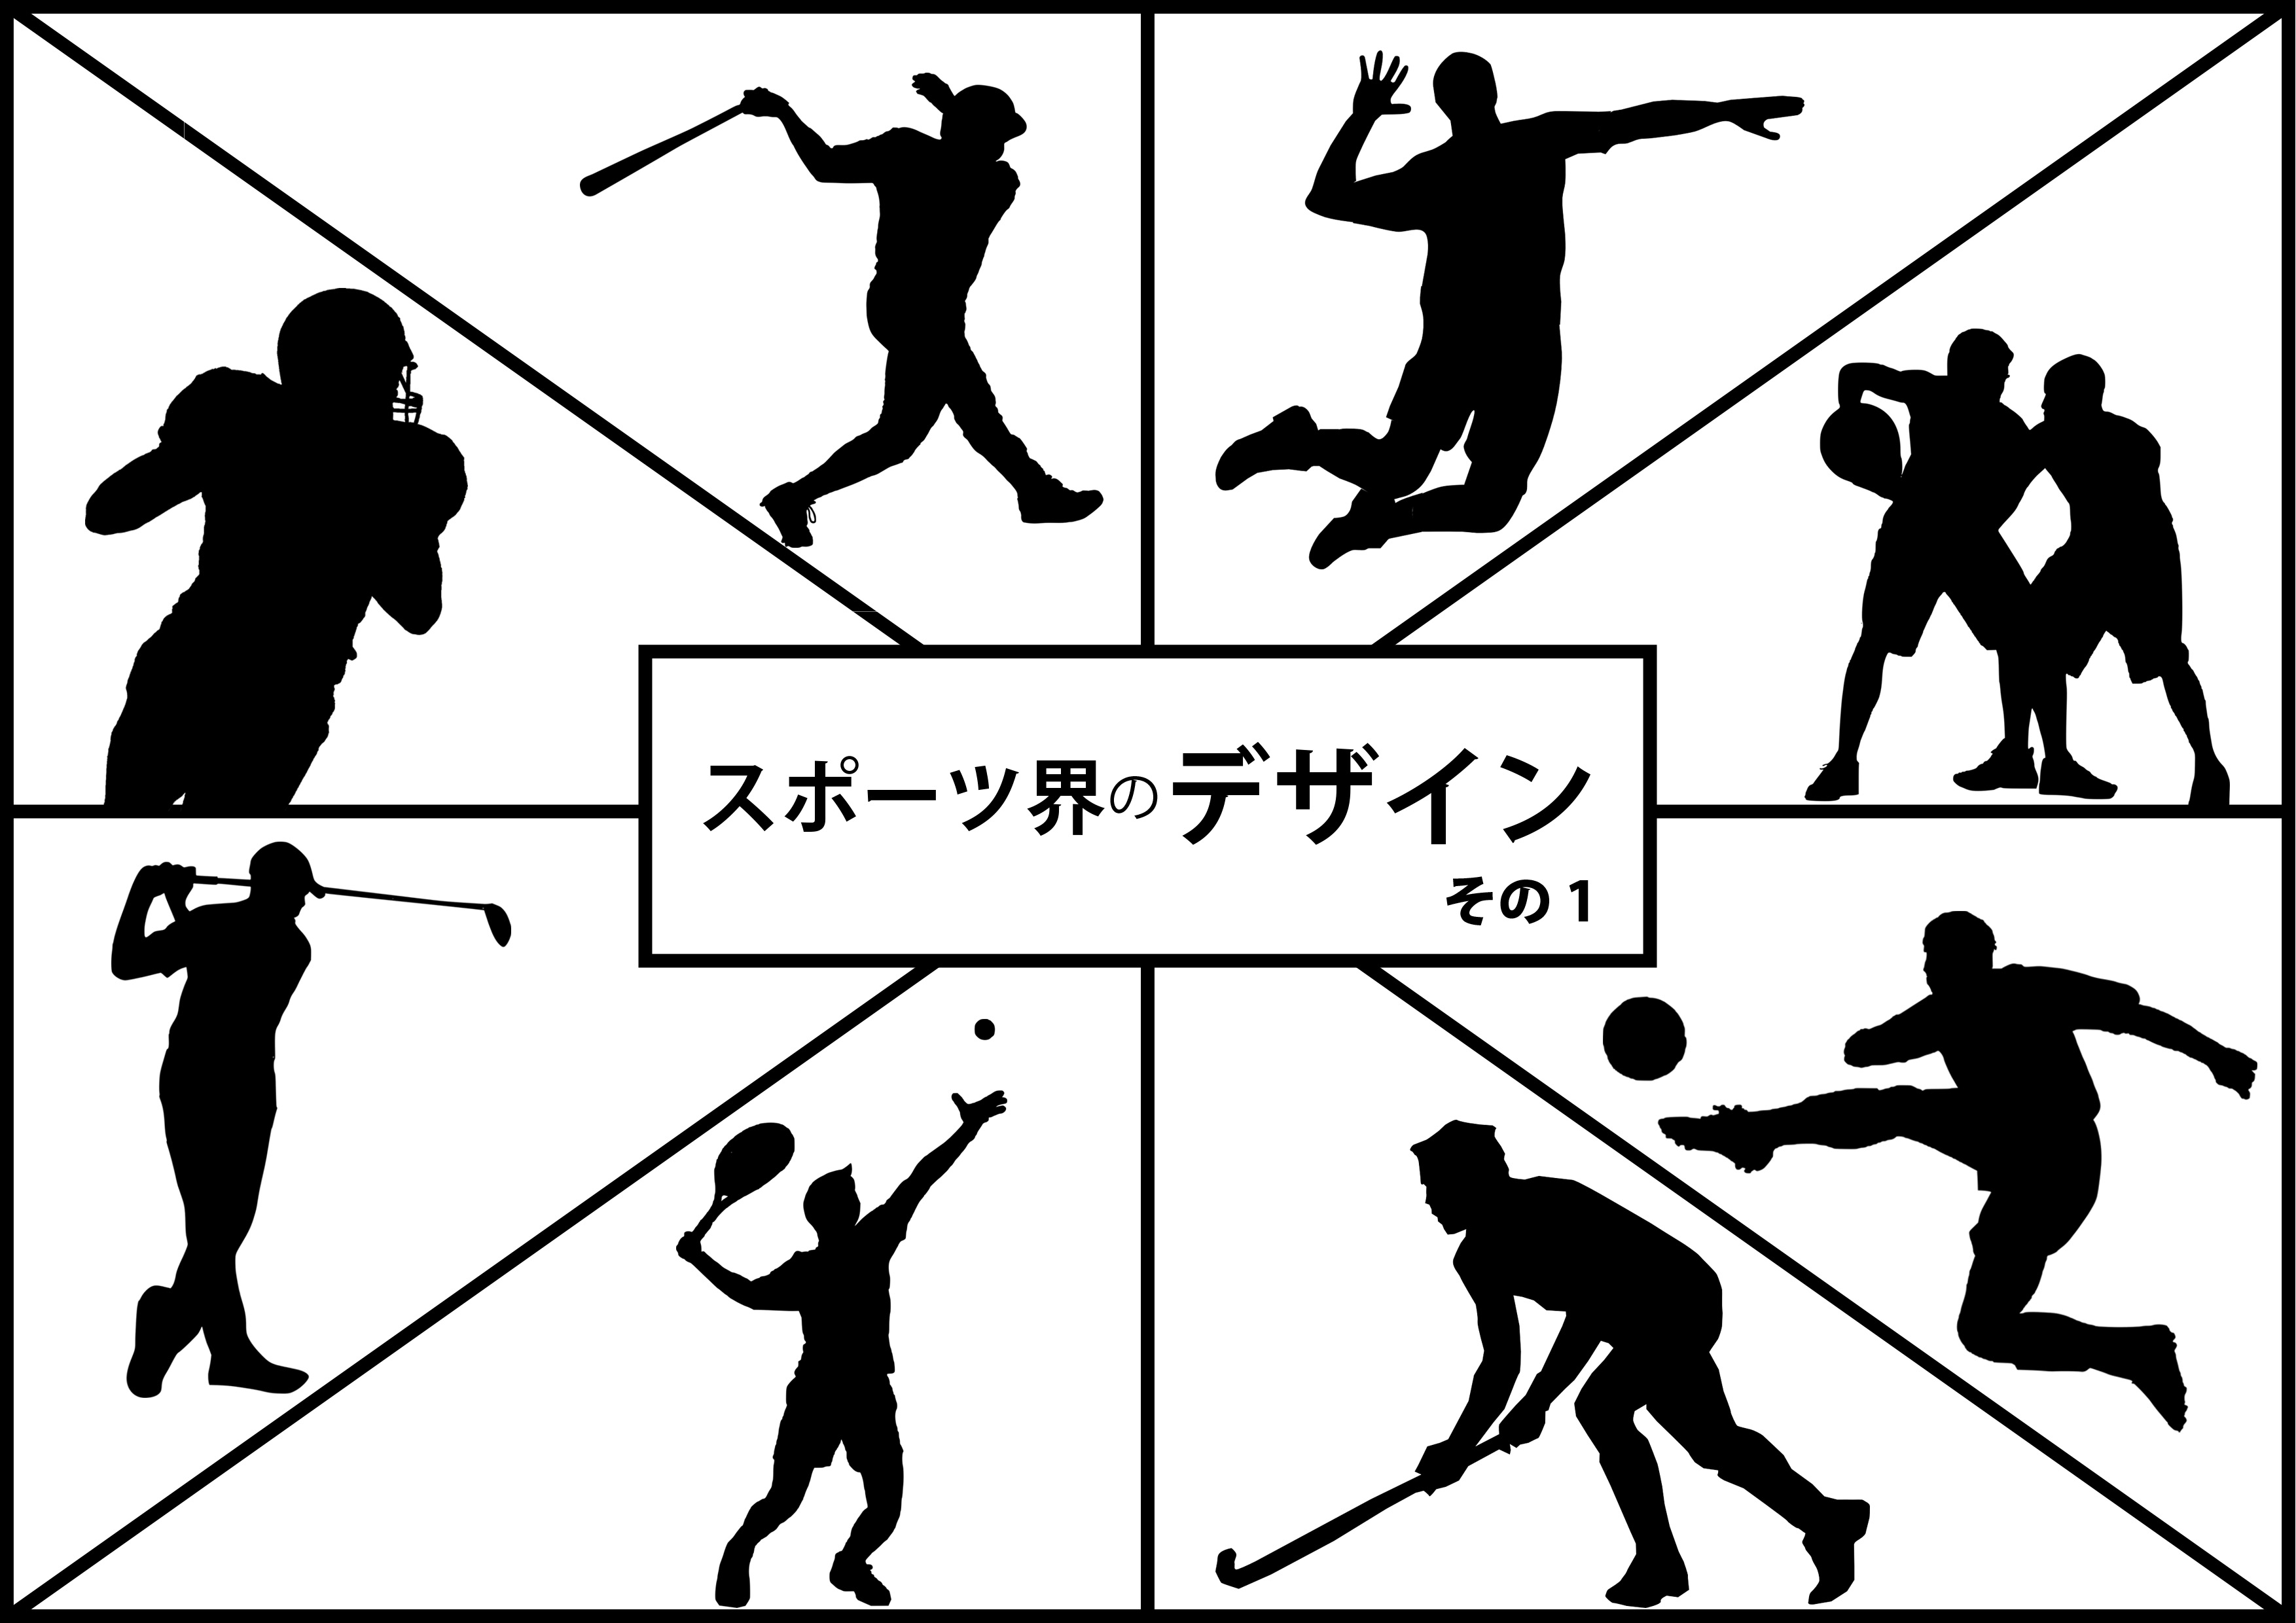 スポーツ界のデザイン イメージ